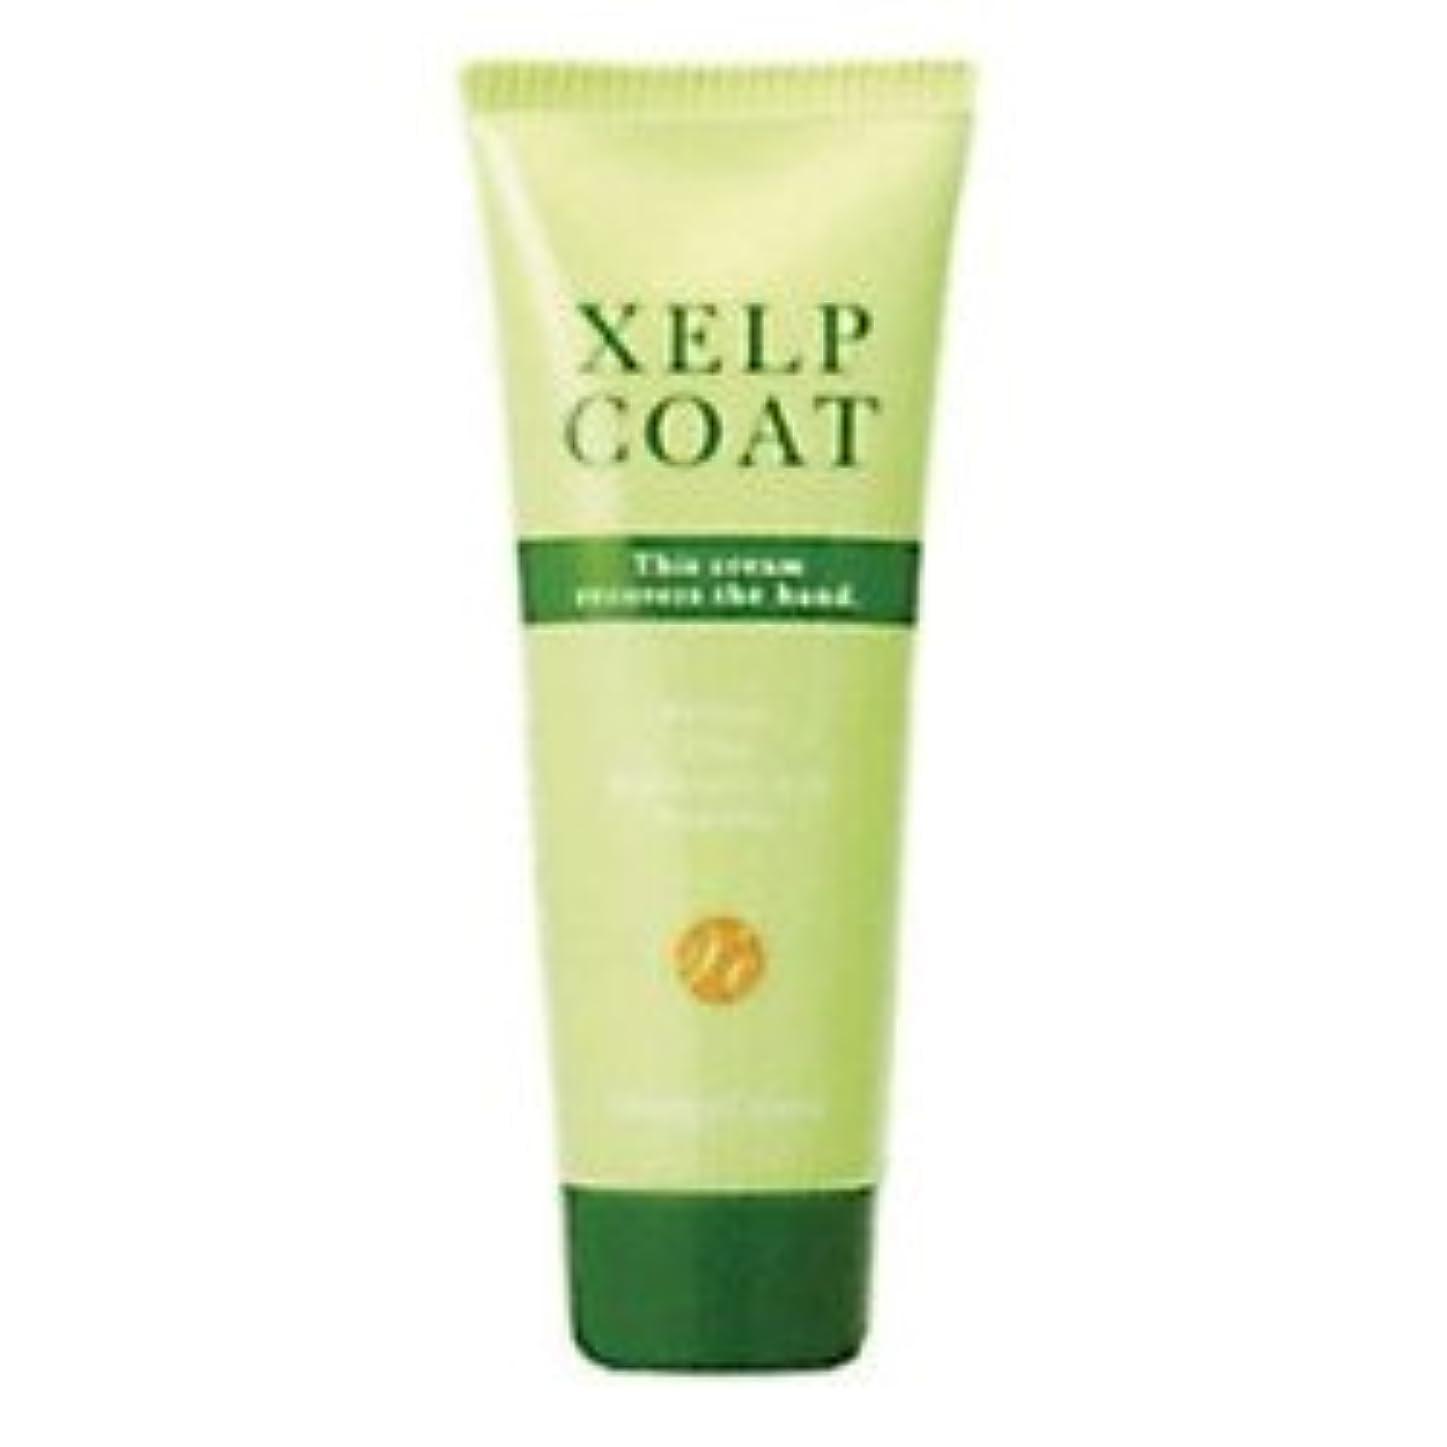 重要毛細血管とげケイルコート 80g XELPCOAT 美容師さんのためのハンドクリーム